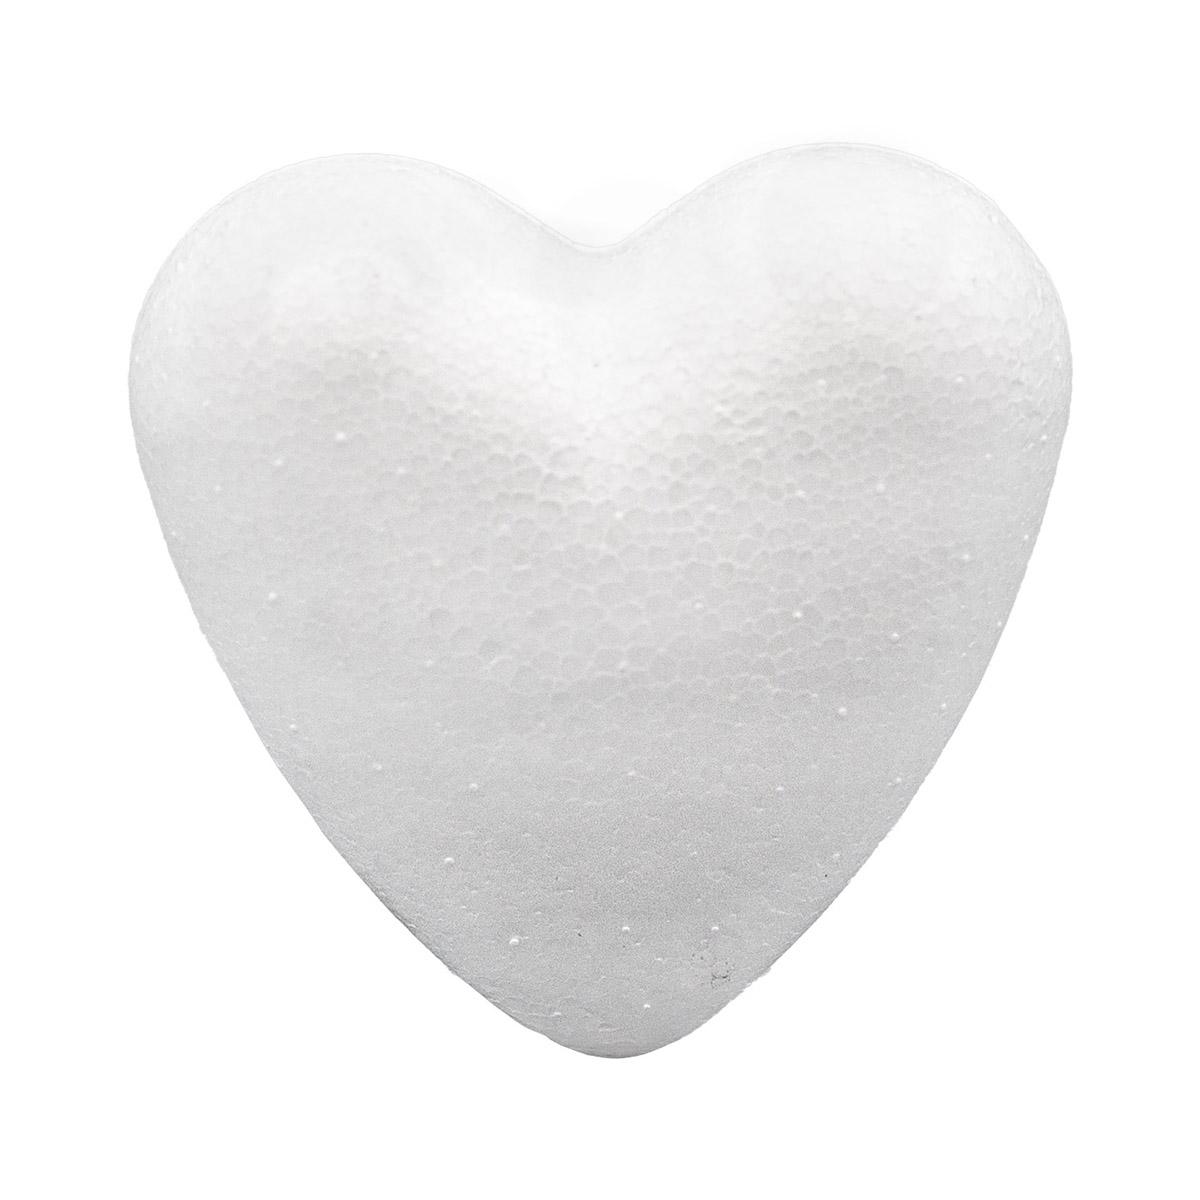 Заготовка для декорирования из пенопласта 'Сердце полное ', 7см